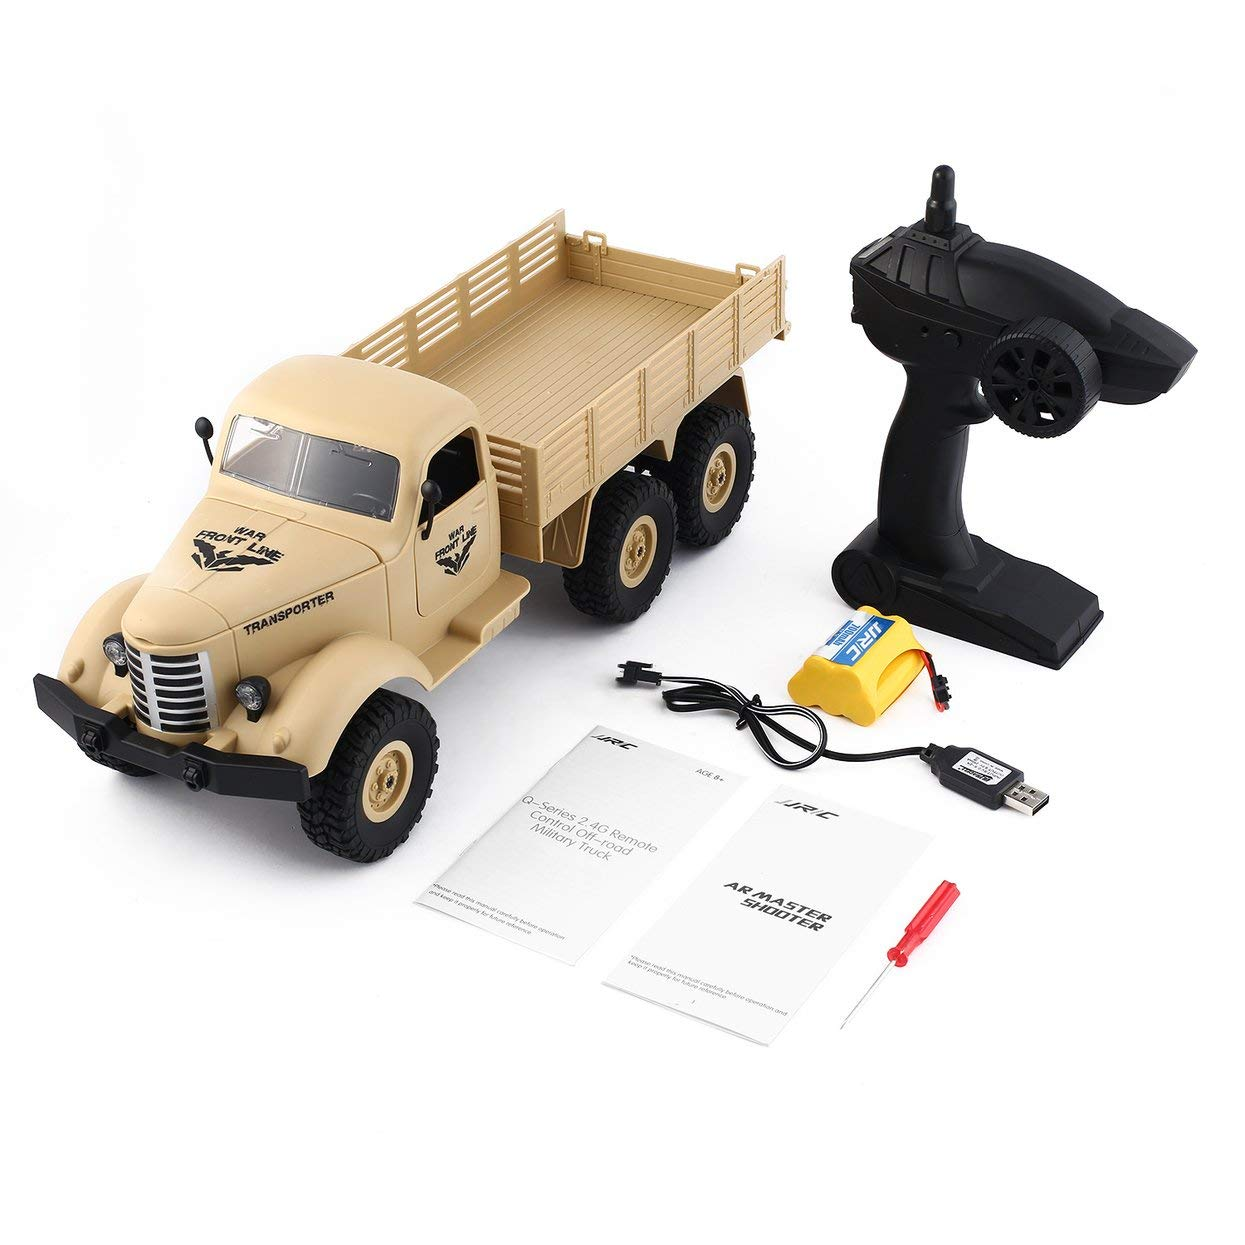 LoveOlvidoD JJR / C Q60 1/16 2,4G 6WD RC Off-Road Militär Truck Transporter RC Auto Fernbedienung Fahrzeug für Kinder Geschenk Kinder Spielzeug